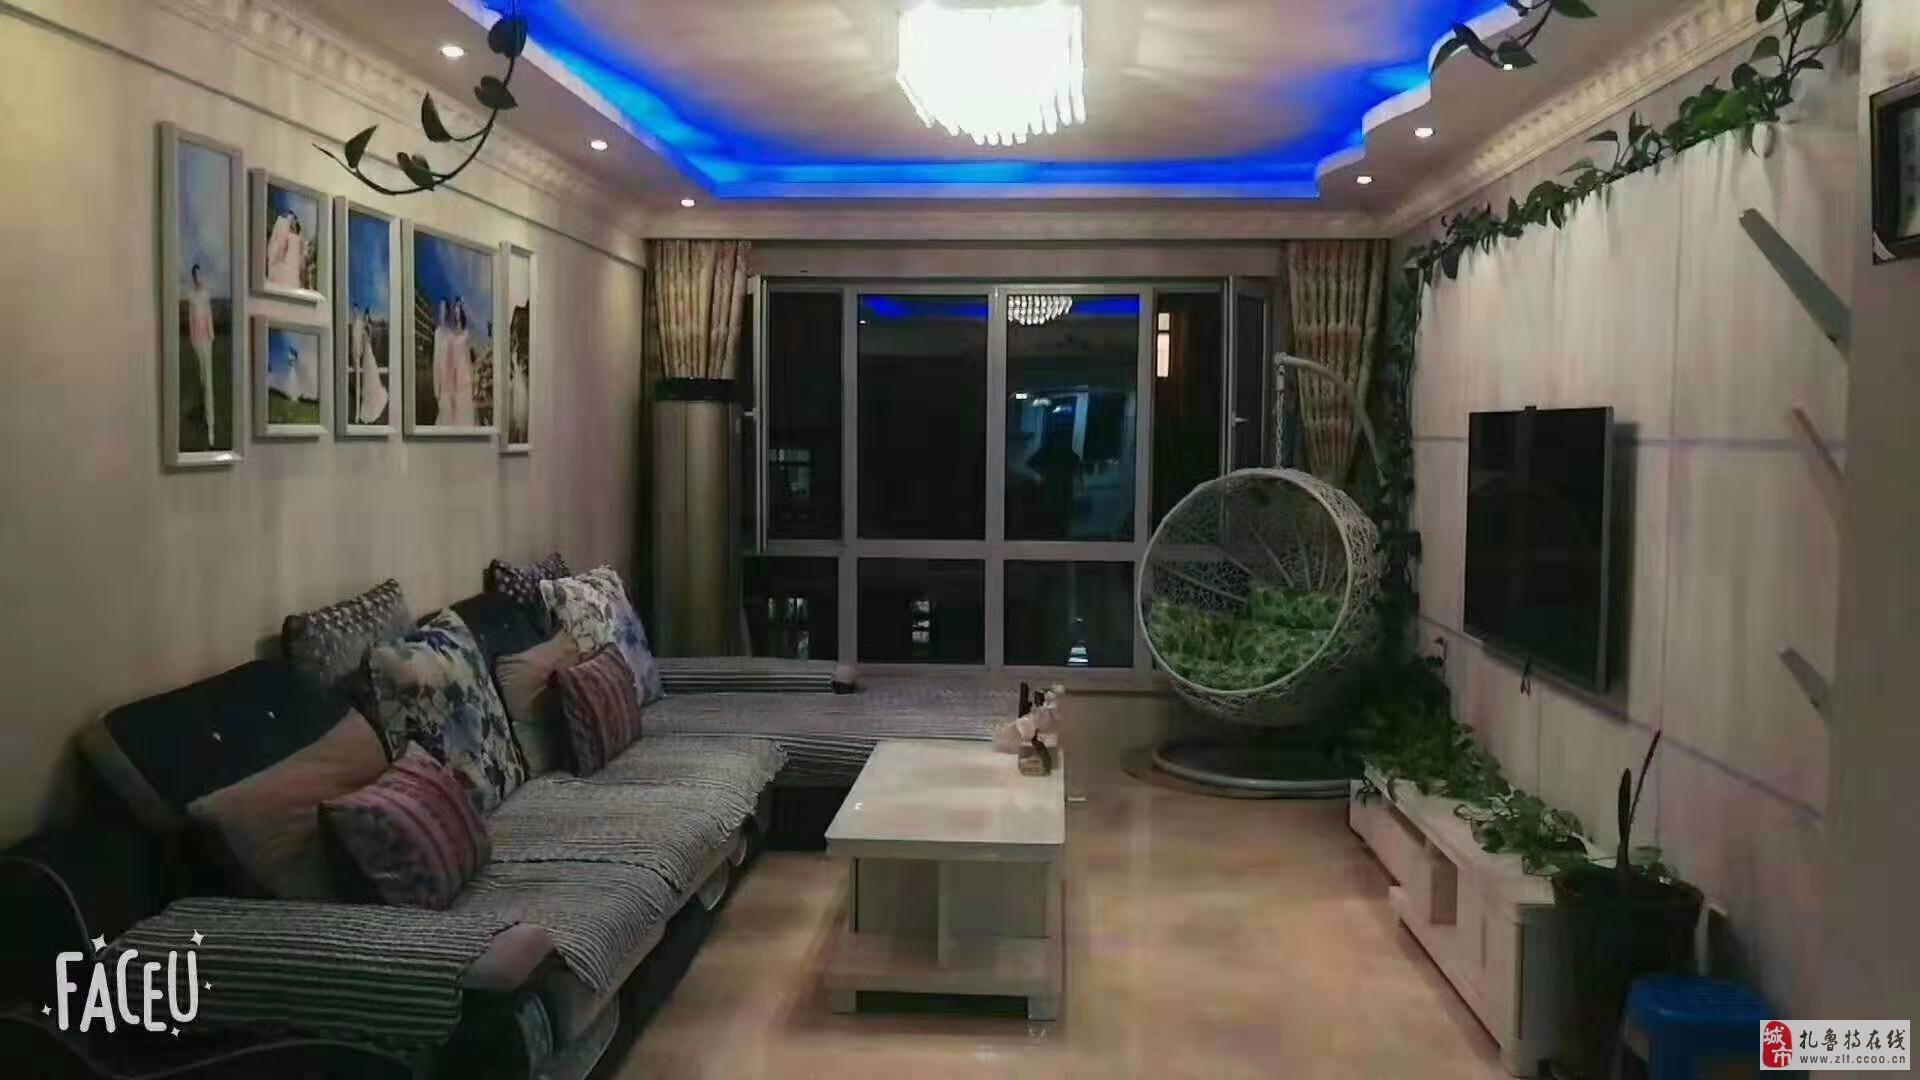 威林名苑3室1廳1衛55萬元帶品牌家具家電